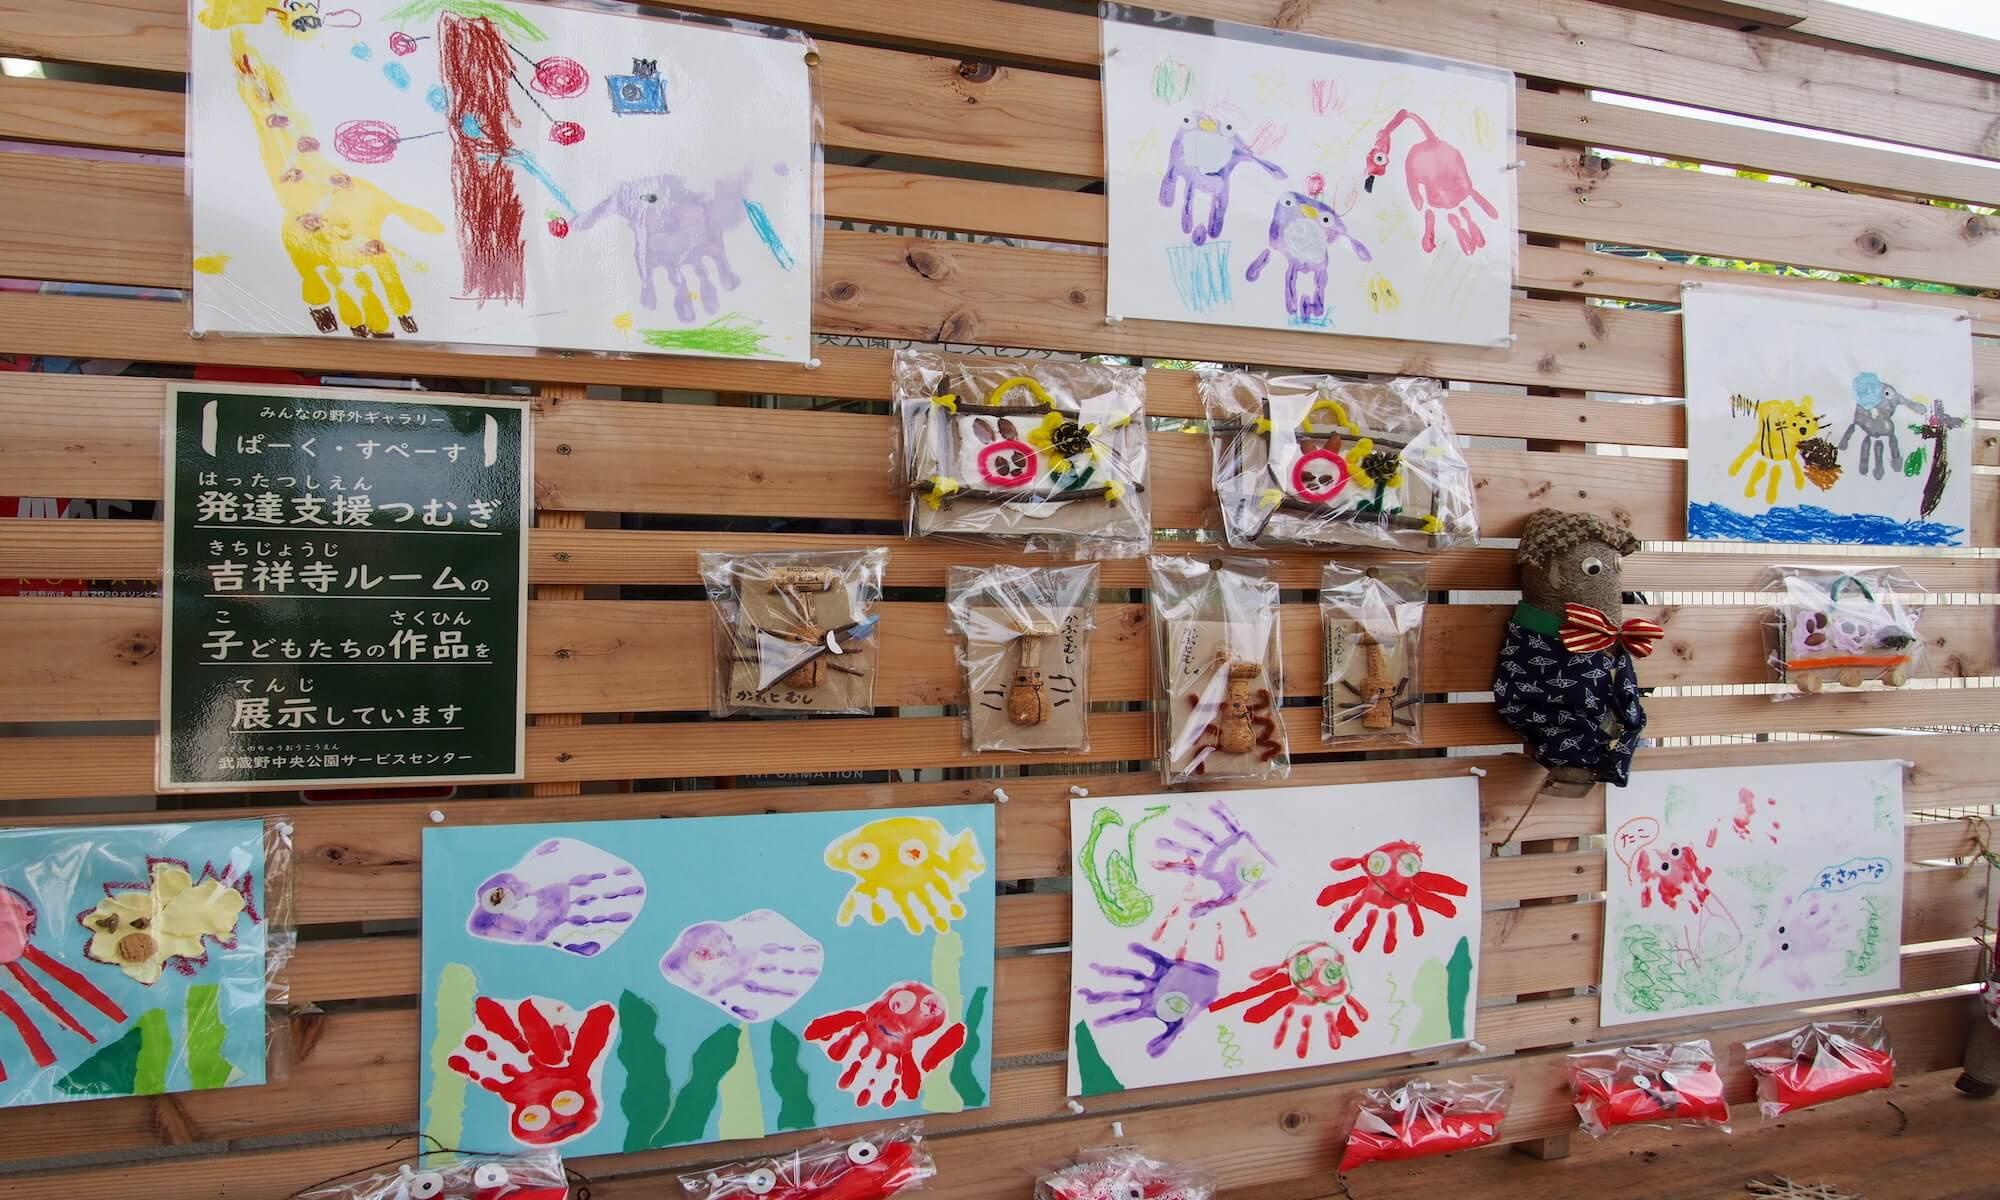 武蔵野中央公園の入り口にある作品展示スペース